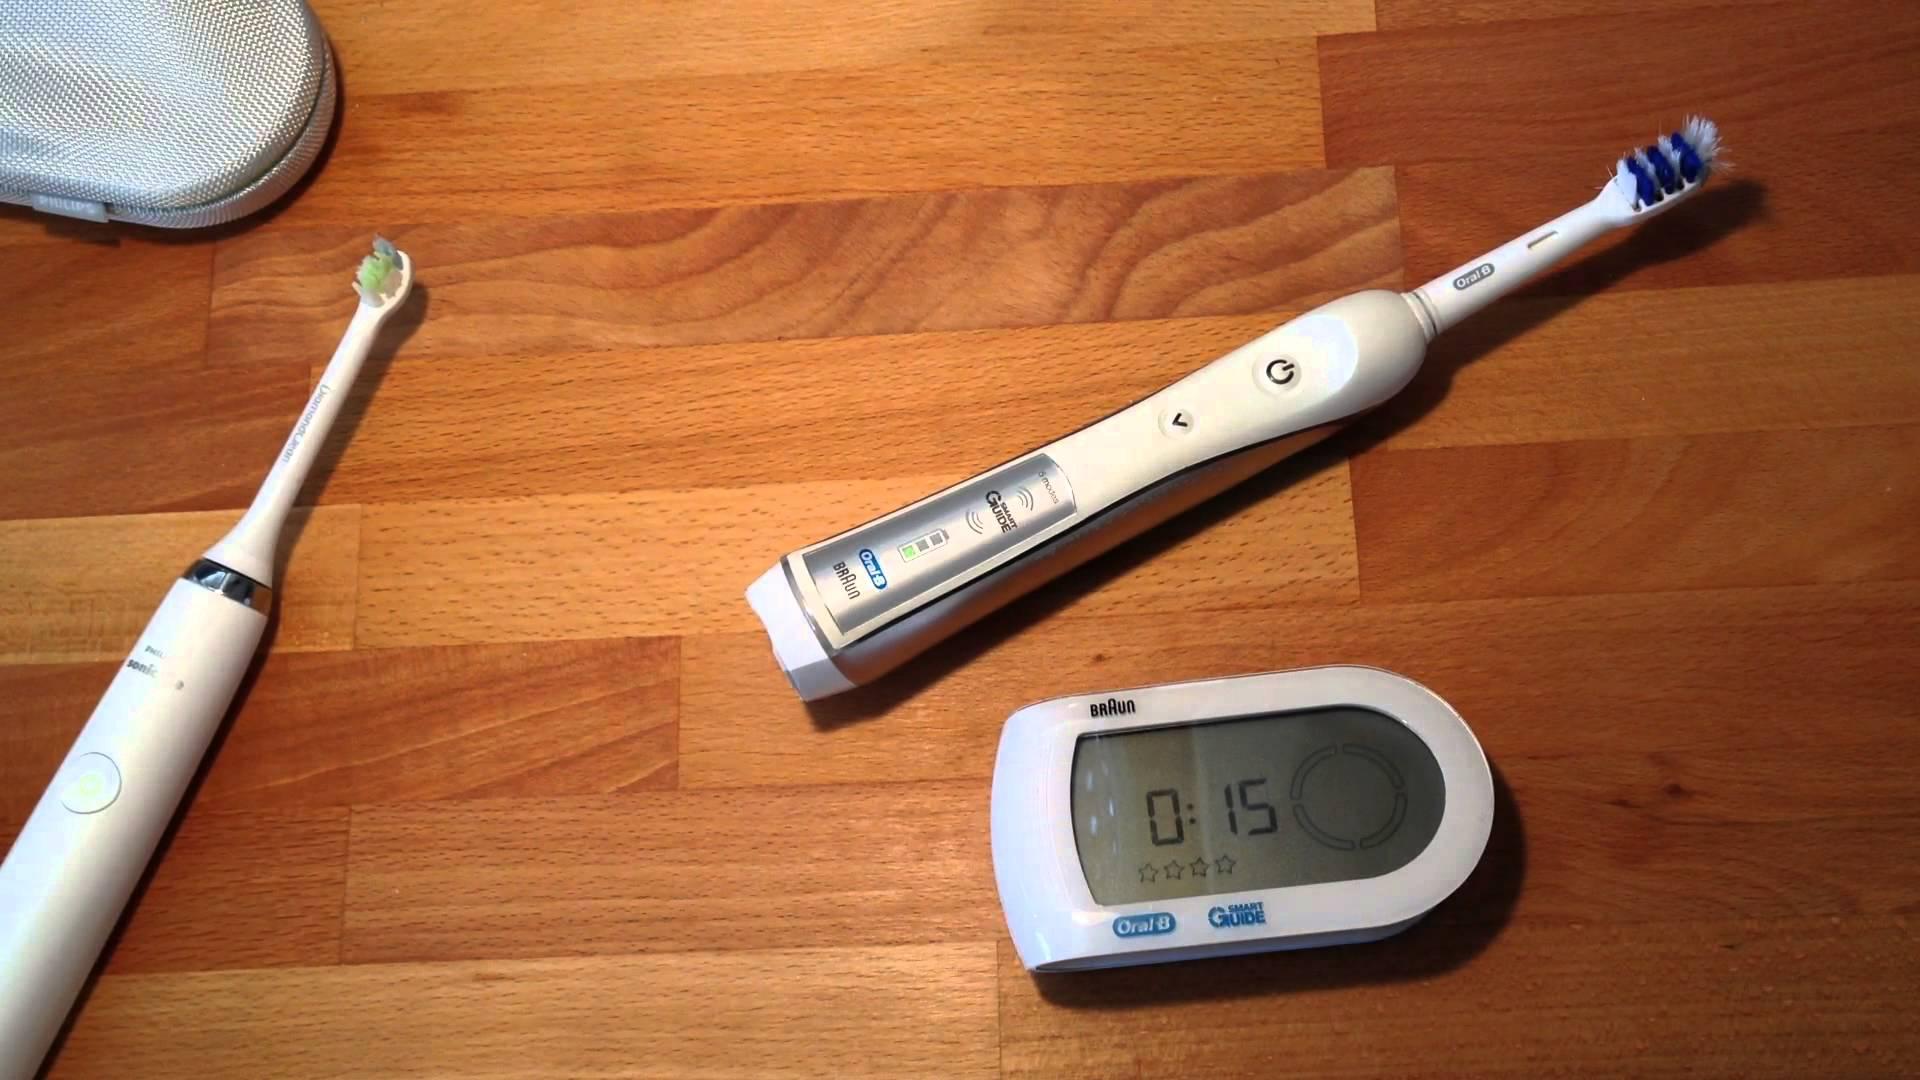 Oral-B Black 7000 SmartSeries Vs Philips Sonicare DiamondClean